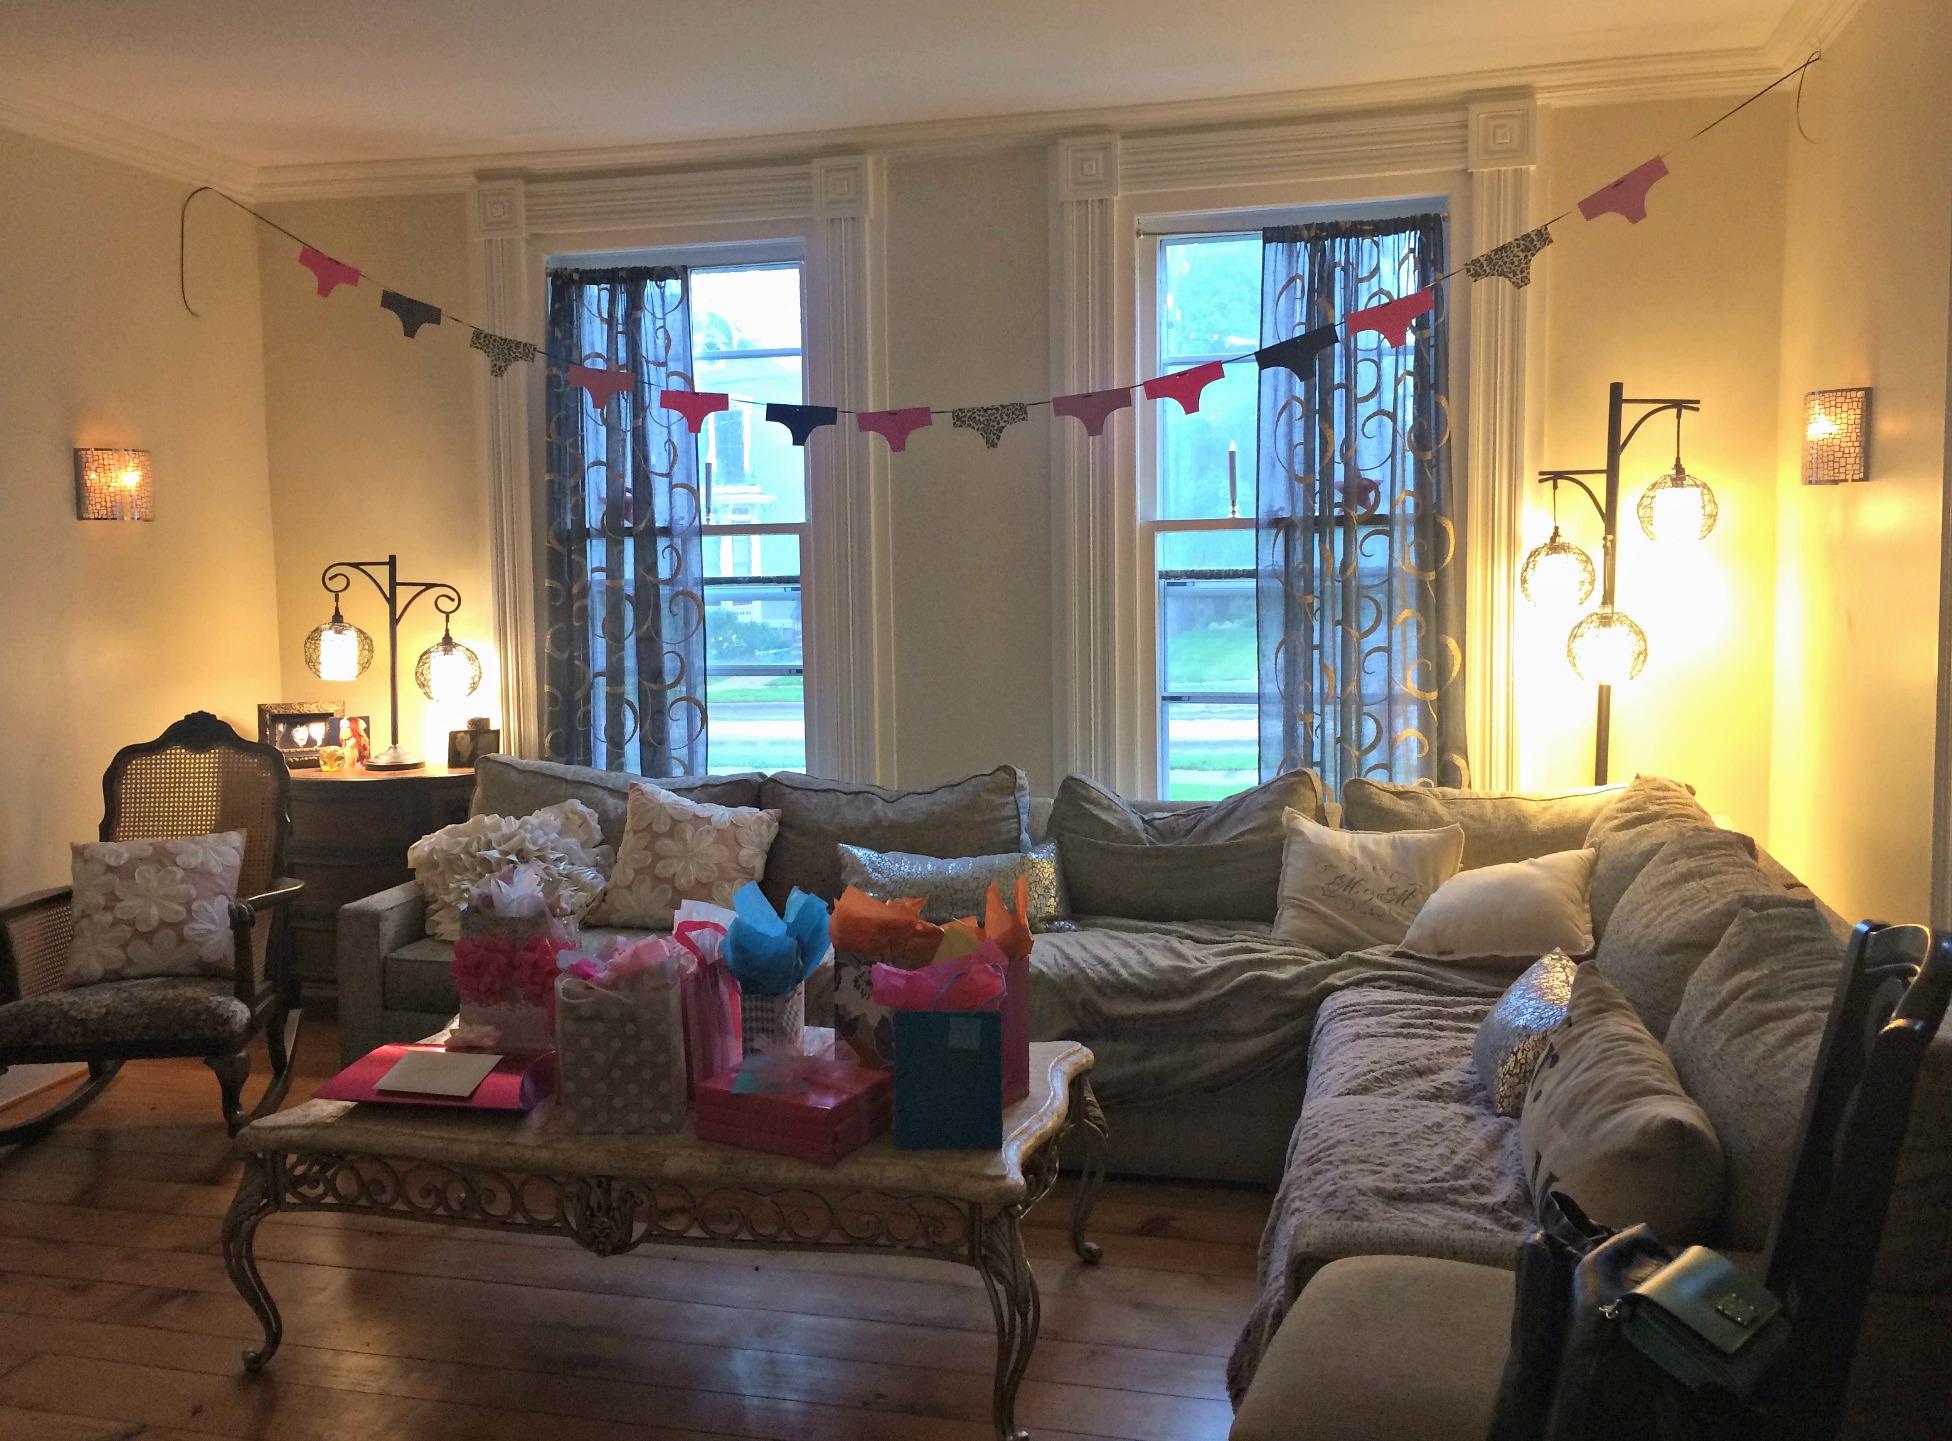 bachelorette party decorations